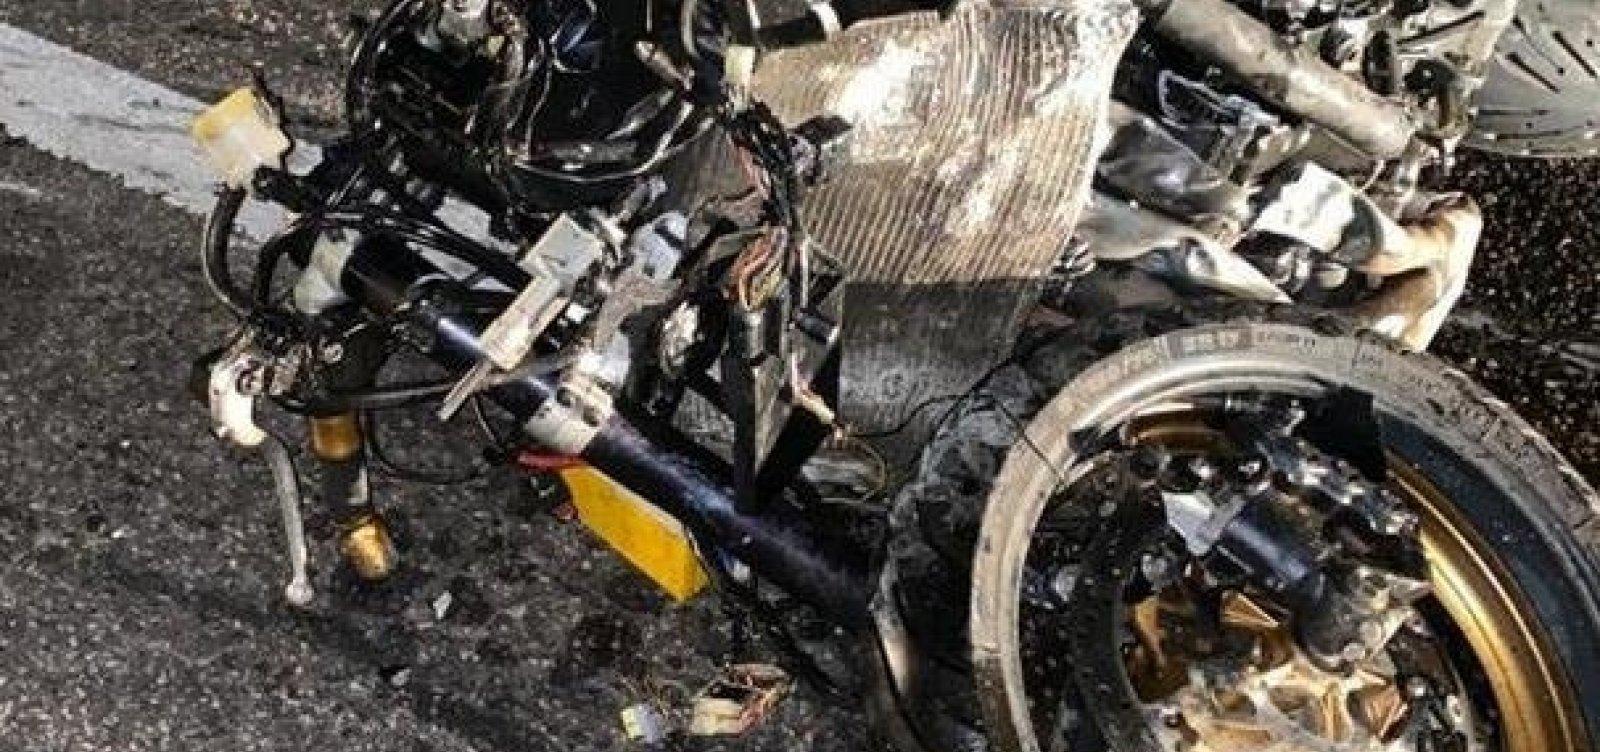 [Policial militar é morto após carro na contramão colidir com sua moto ]